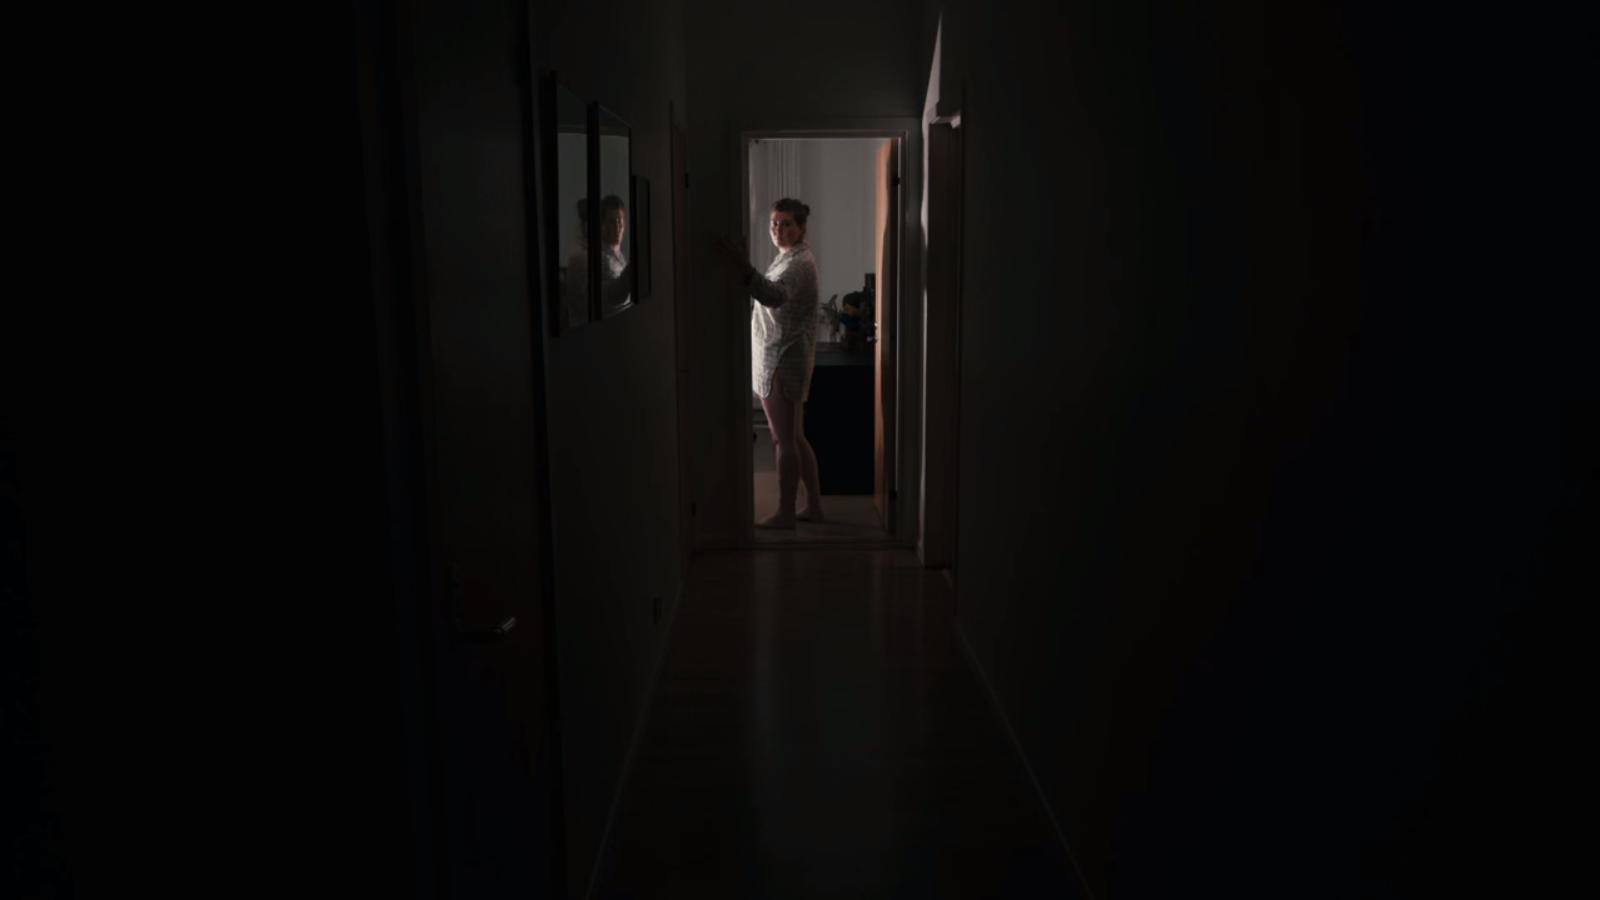 Lights-Out-Short-Film-Image